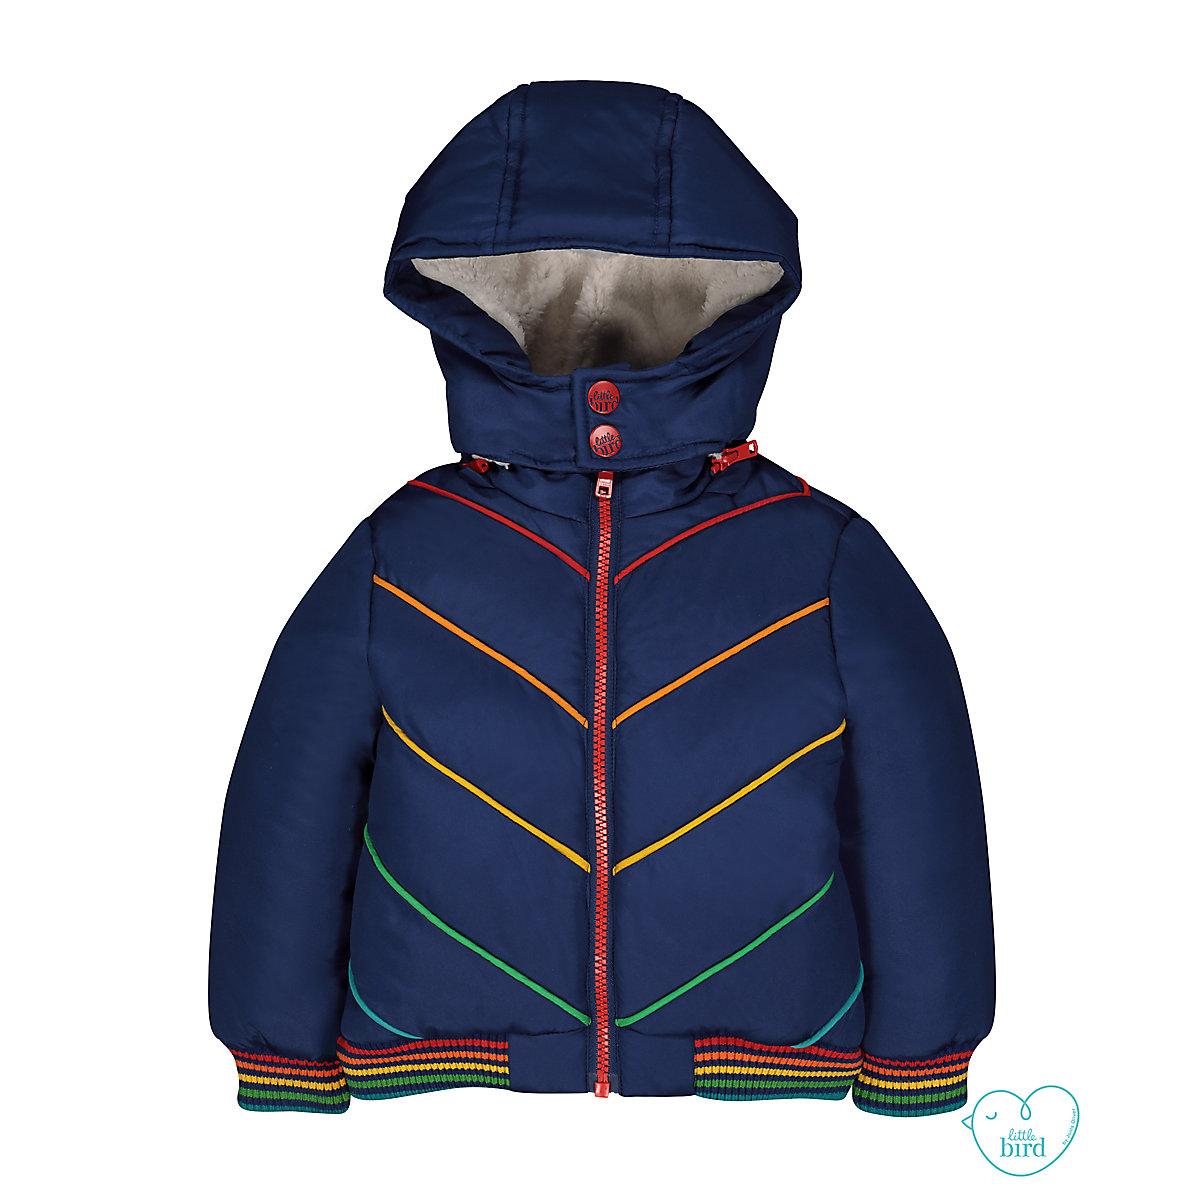 little bird padded rainbow jacket